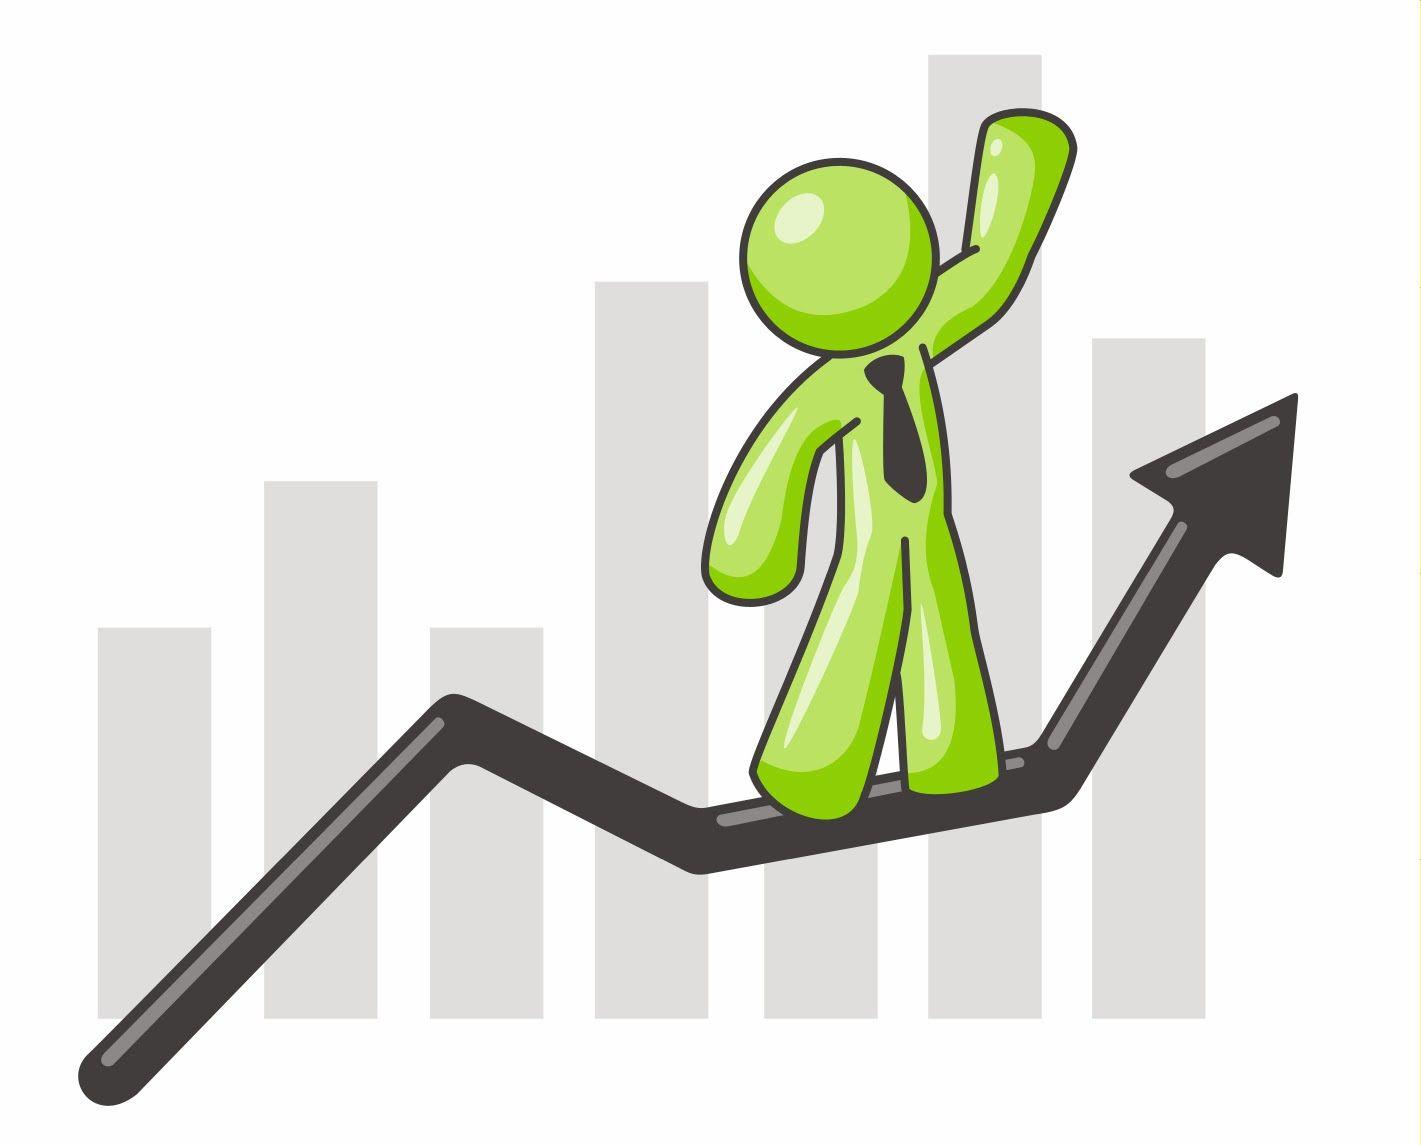 Ingresos extra con internet - Ganar dinero con internet: ¿Cómo aumentar las ganancias de mi negocio?